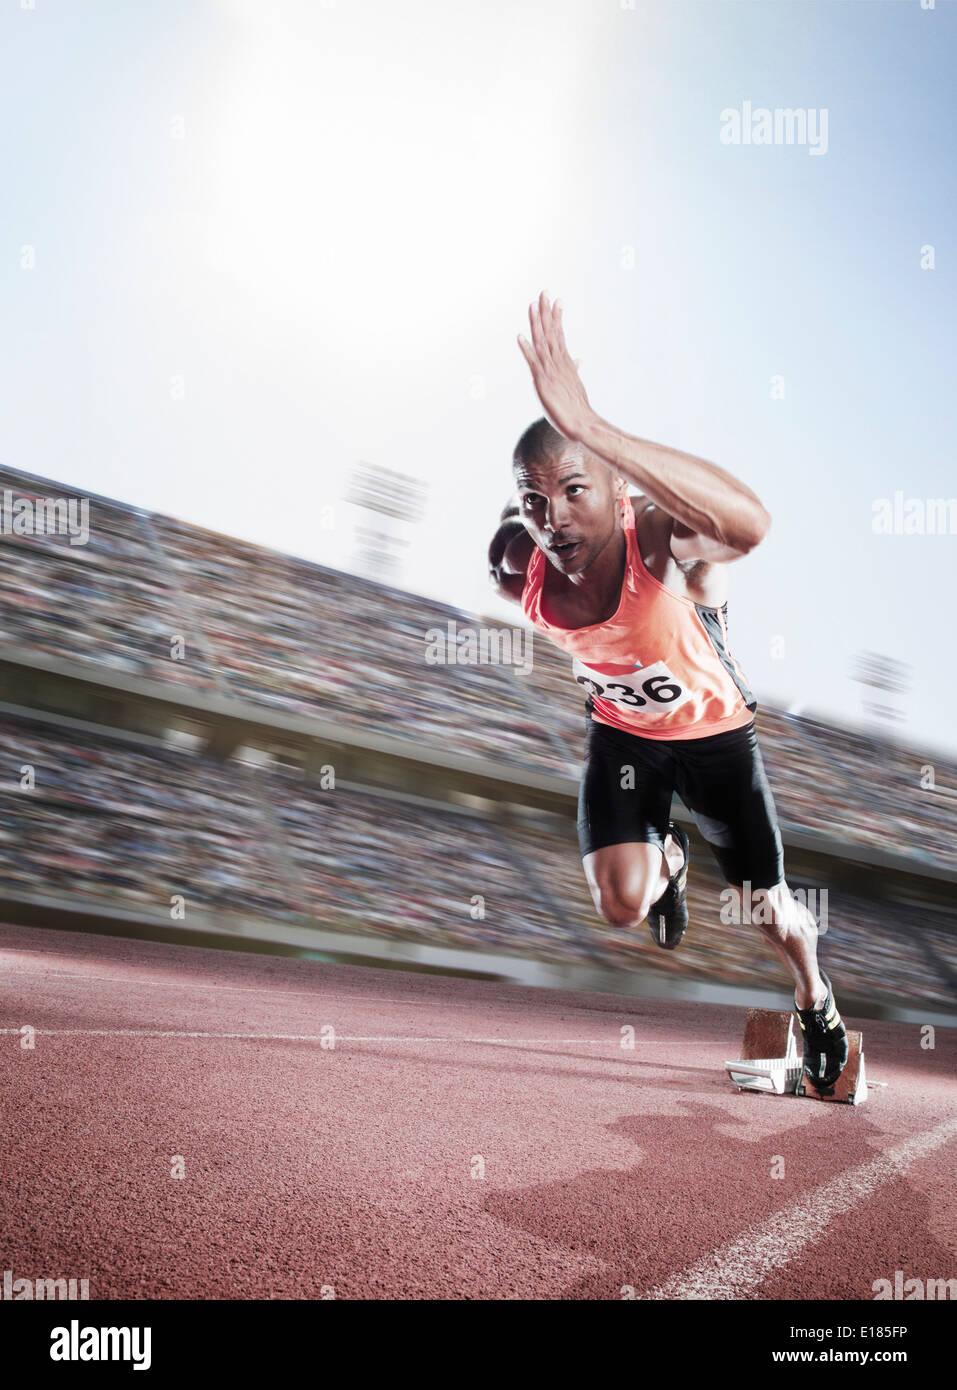 La velocista despegar del bloque de arranque Imagen De Stock